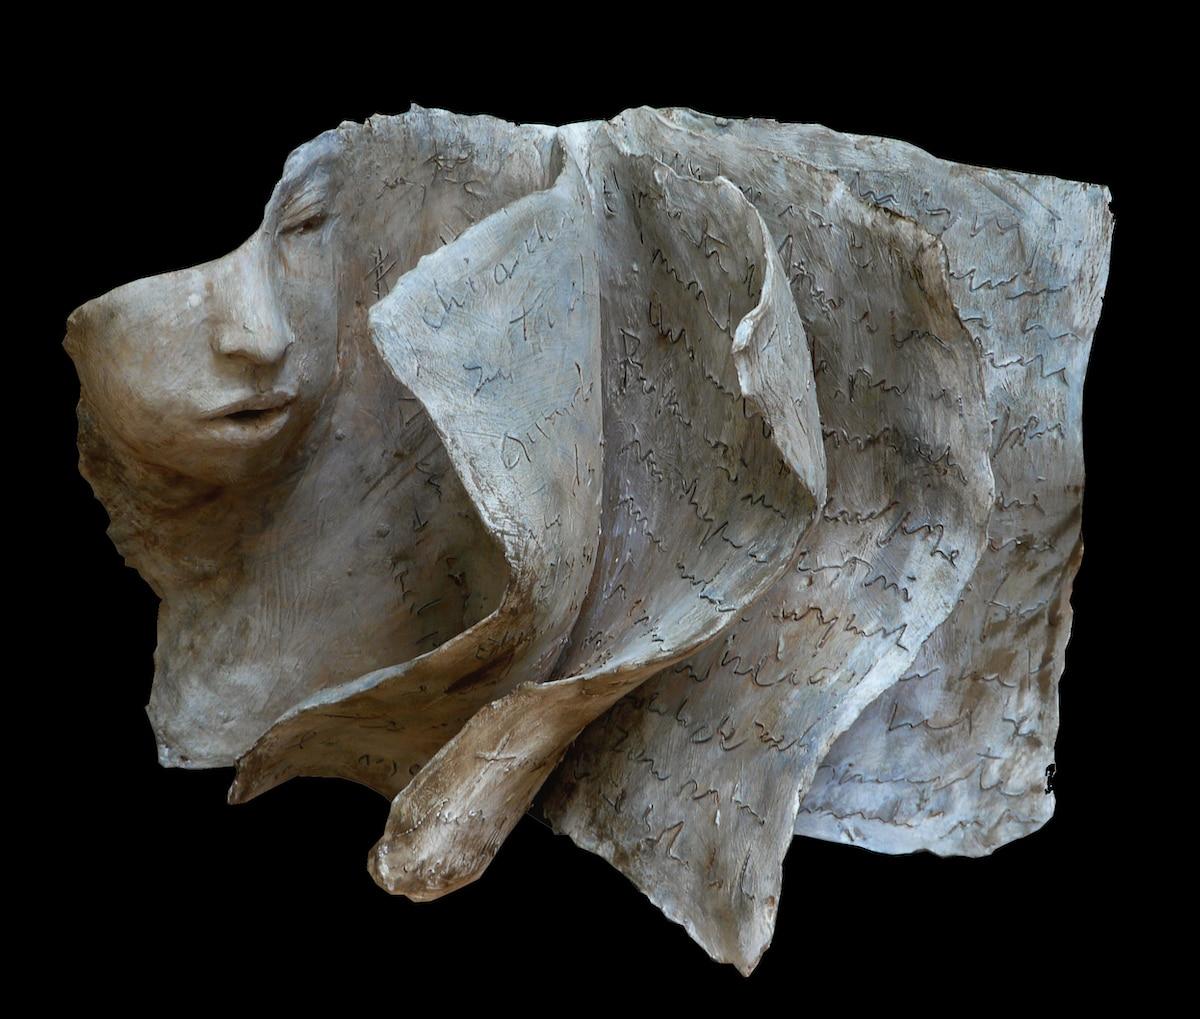 escultura de terracota por Paola Grizi